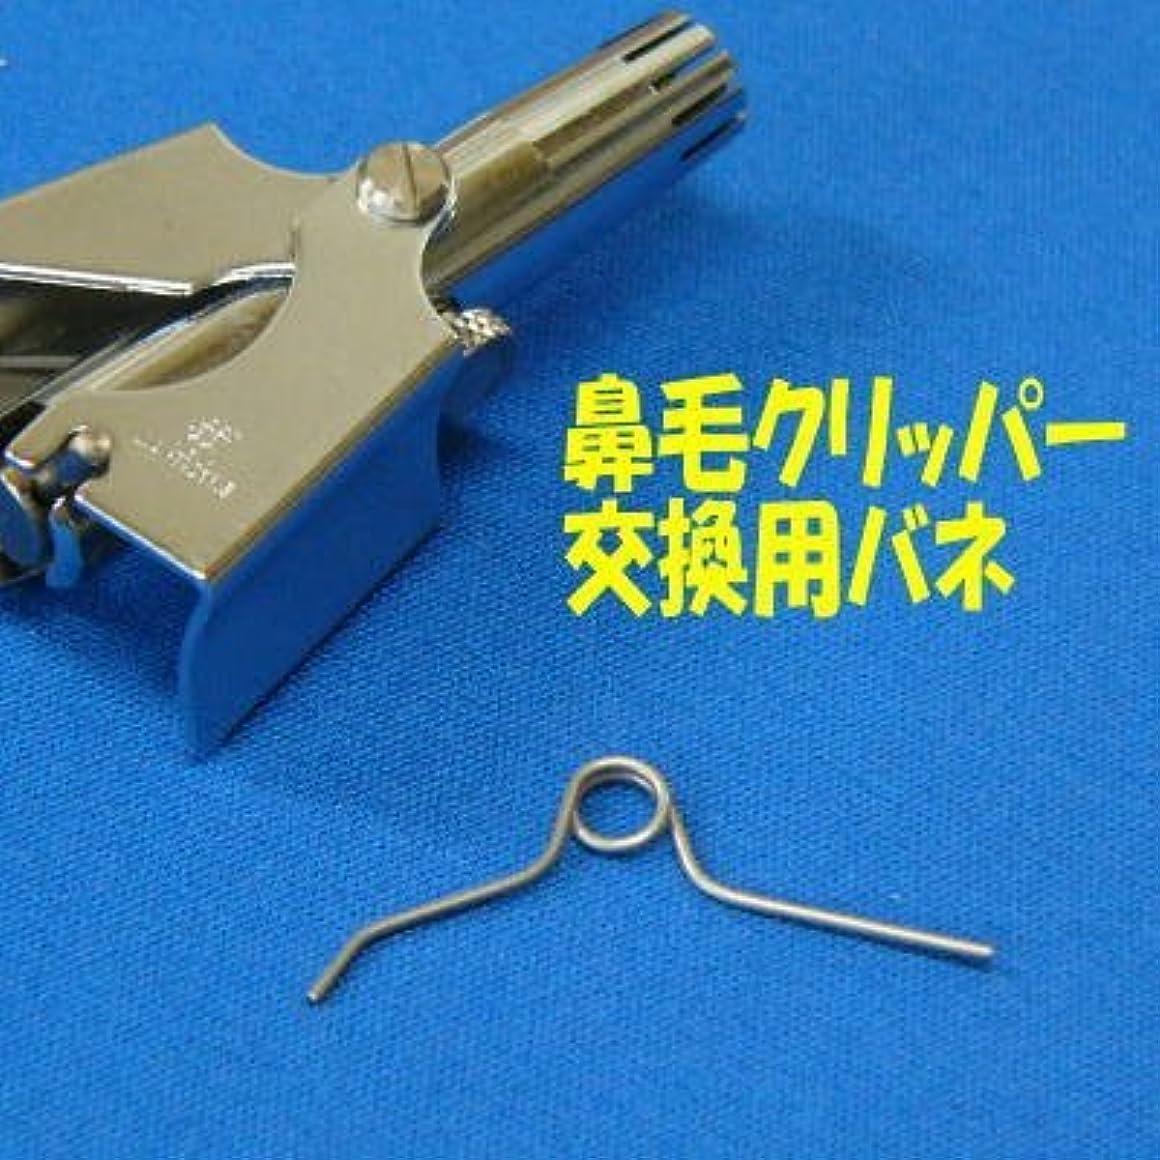 バナナ夕食を作る試験ヘンケルス(ツヴィリング)鼻毛クリッパー用交換用バネ